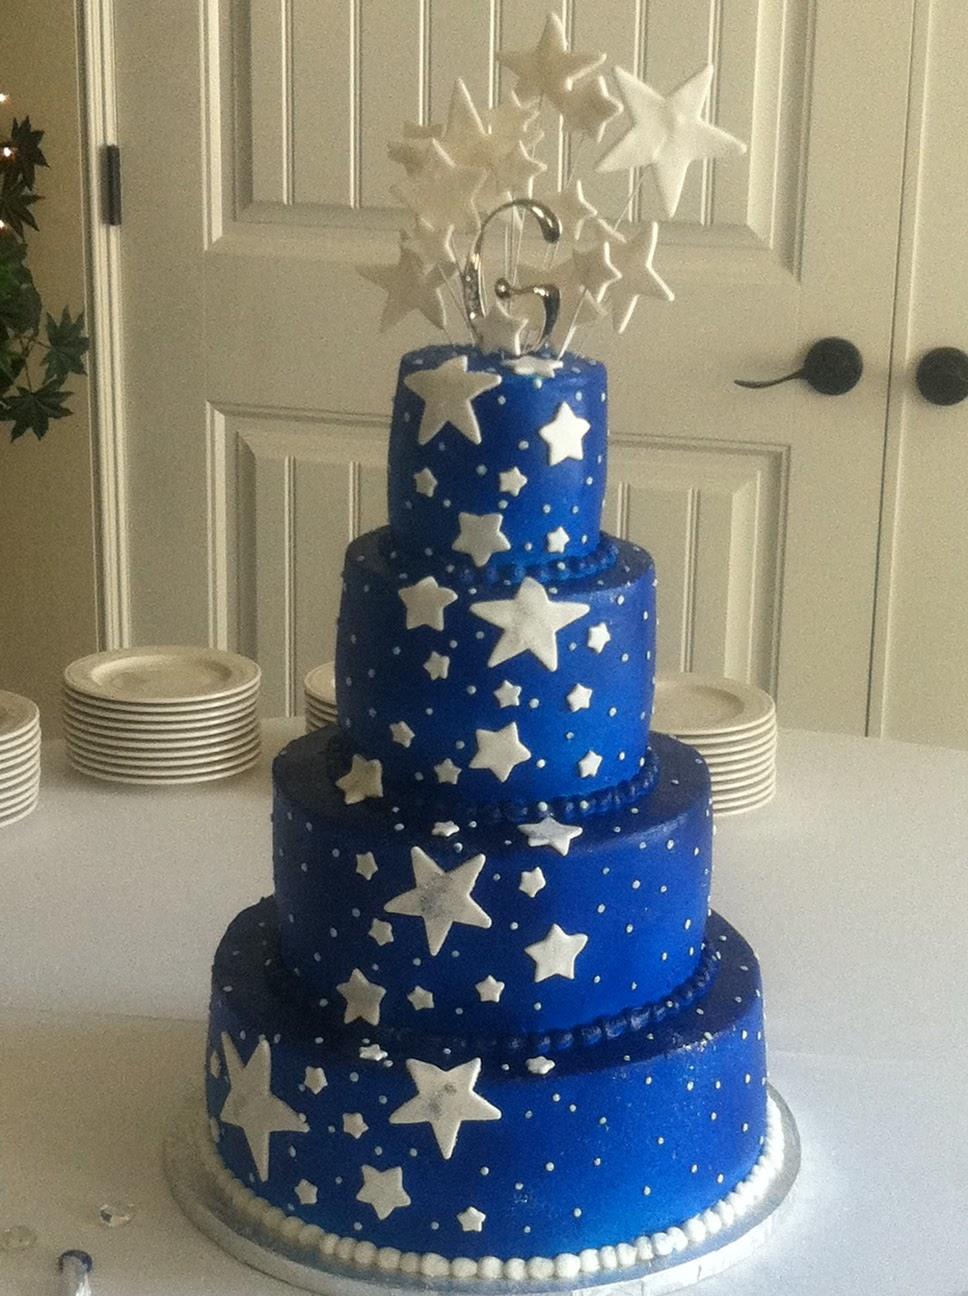 All Things Cake Feeling Blue Eat Cake